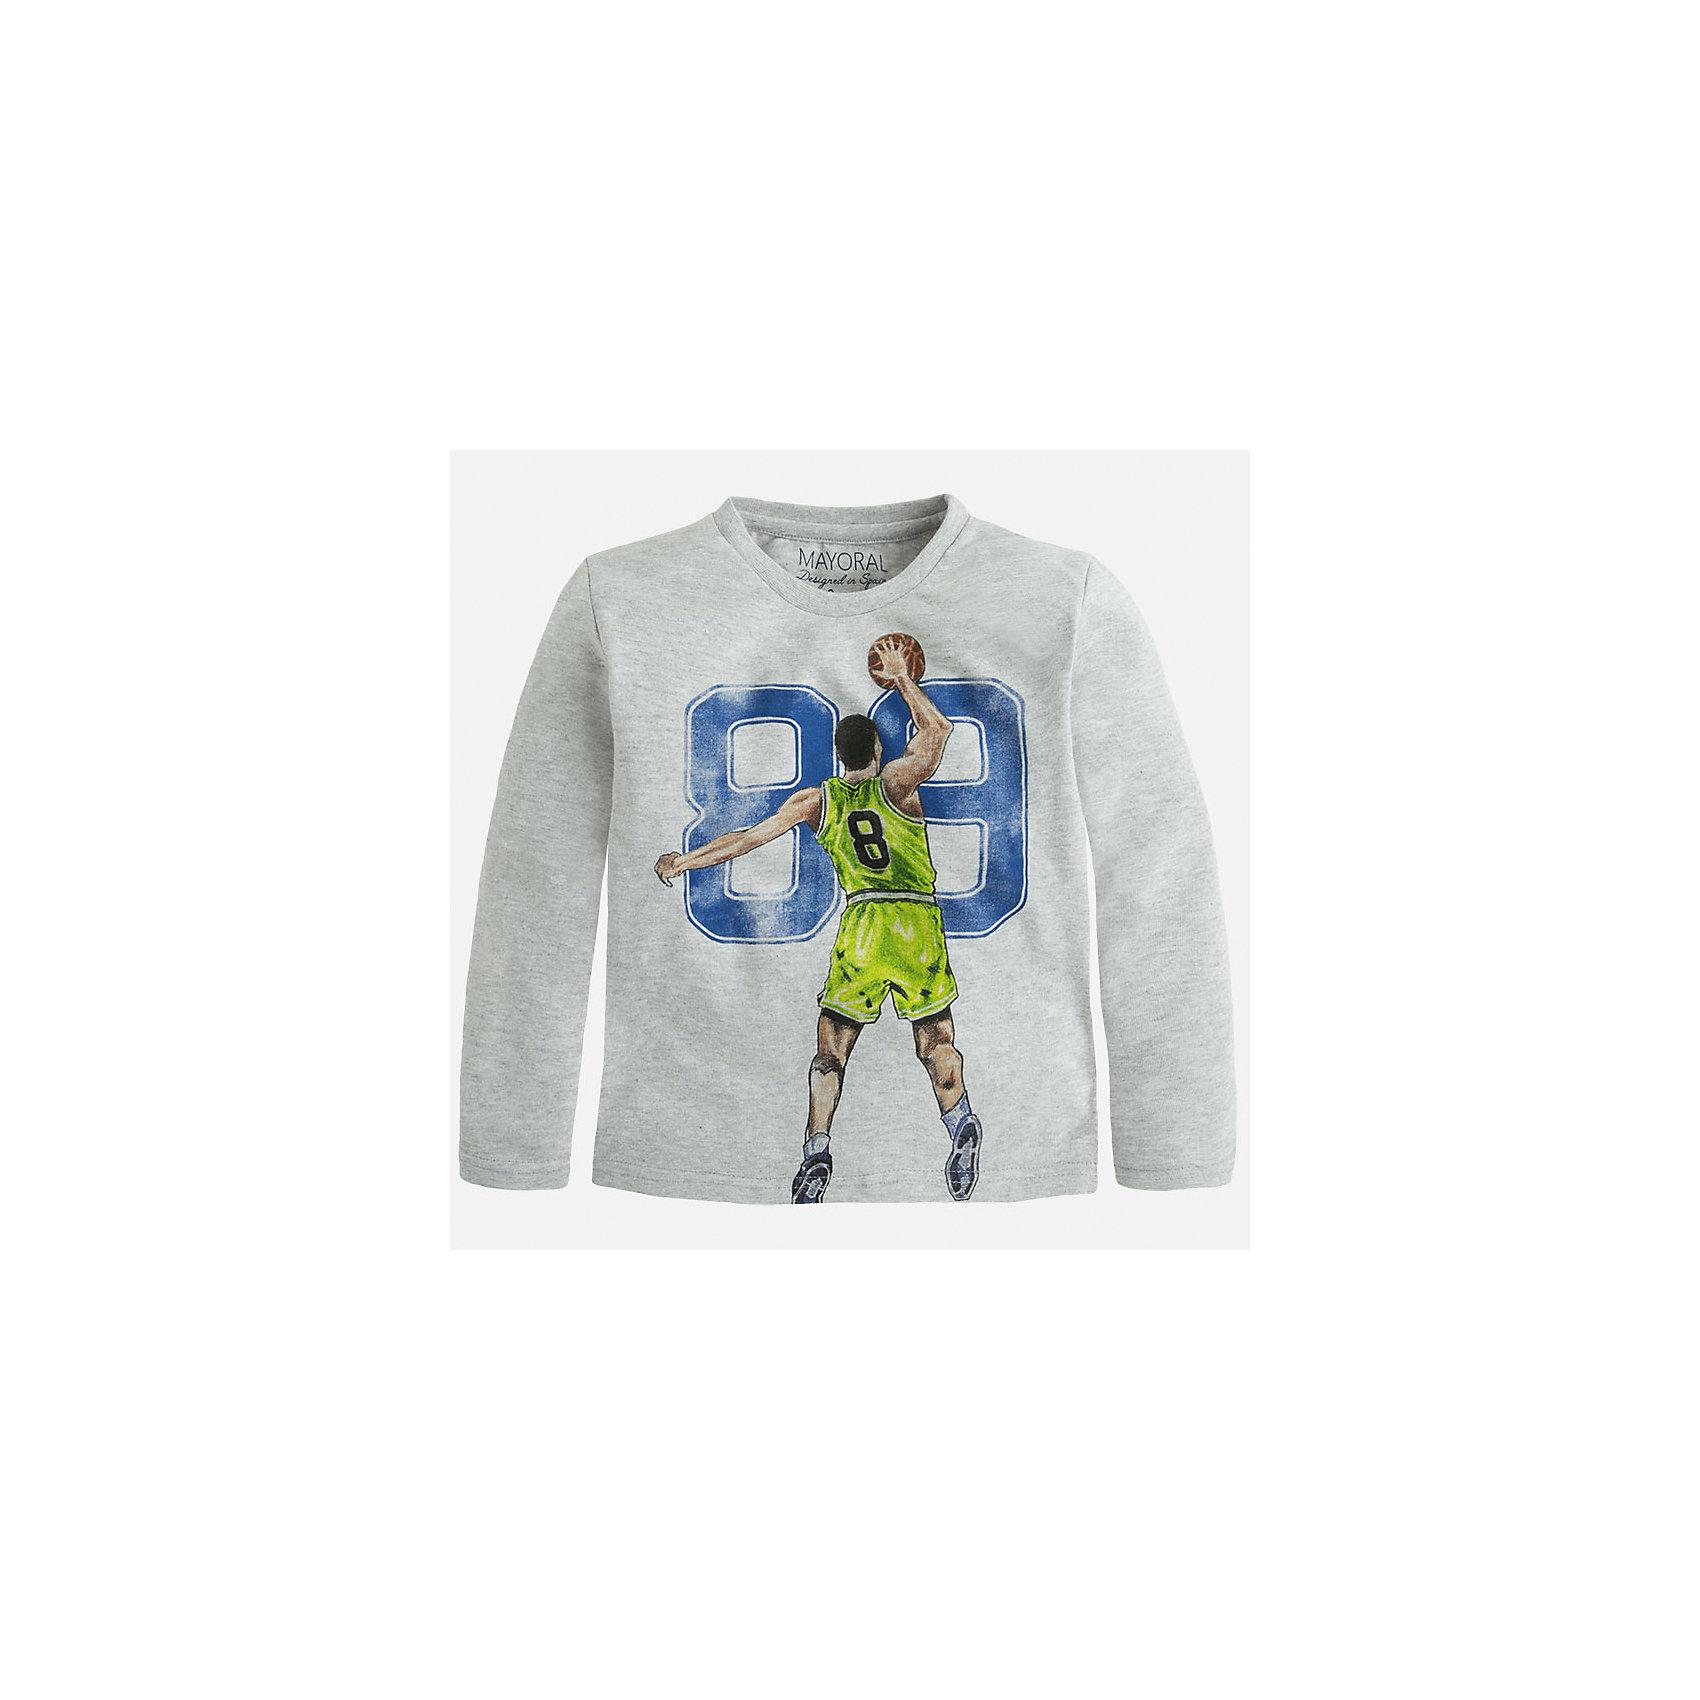 Футболка с длинным рукавом для мальчика MayoralФутболки с длинным рукавом<br>Хлопковая футболка с длинными рукавами - это  базовая вещь в любом гардеробе. Благодаря длинным рукавам и легкому составу, ее можно носить в любое время года, а яркий орнамент, подчеркнет индивидуальный стиль Вашего ребенка!<br><br>Дополнительная информация:<br><br>- Крой: прямой крой.<br>- Страна бренда: Испания.<br>- Состав: хлопок 100%.<br>- Цвет: серый.<br>- Уход: бережная стирка при 30 градусах.<br><br>Купить футболку с длинным рукавом для мальчика, от  Mayoral, можно в нашем магазине.<br><br>Ширина мм: 230<br>Глубина мм: 40<br>Высота мм: 220<br>Вес г: 250<br>Цвет: серый<br>Возраст от месяцев: 96<br>Возраст до месяцев: 108<br>Пол: Мужской<br>Возраст: Детский<br>Размер: 128,110,104,134,122,116,98<br>SKU: 4821821